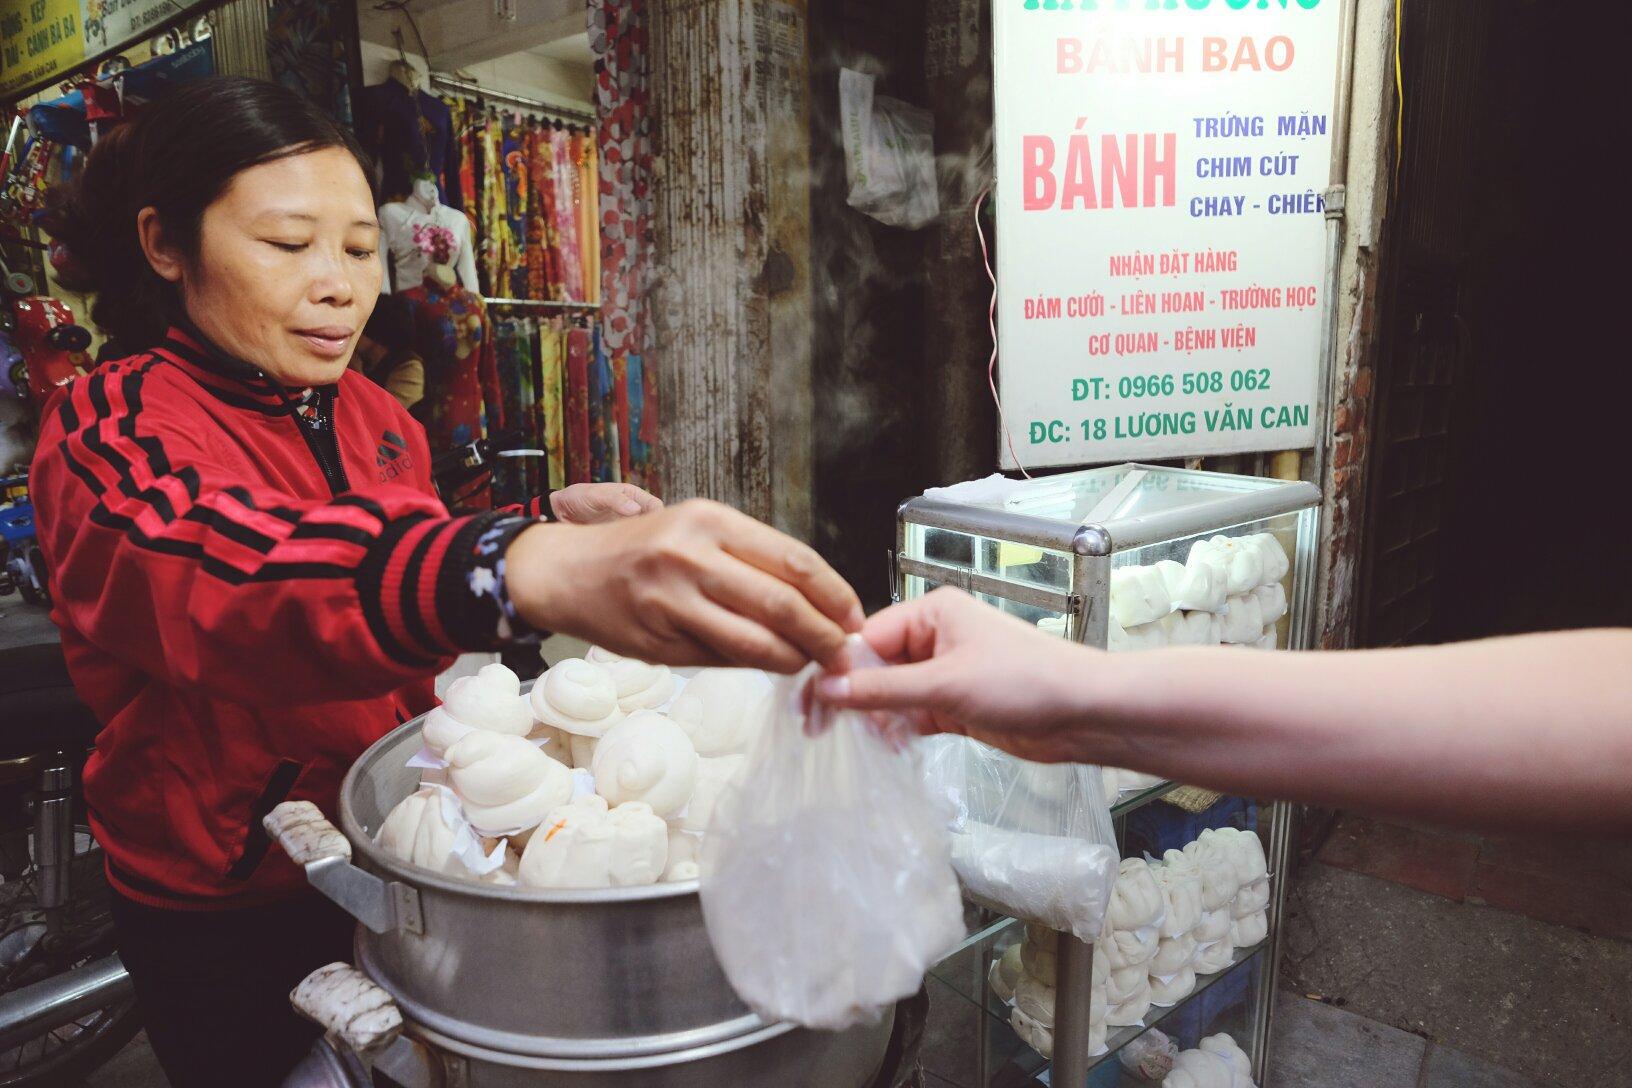 Handel, Straße, kaufen, Essen, Nachrungsmittel